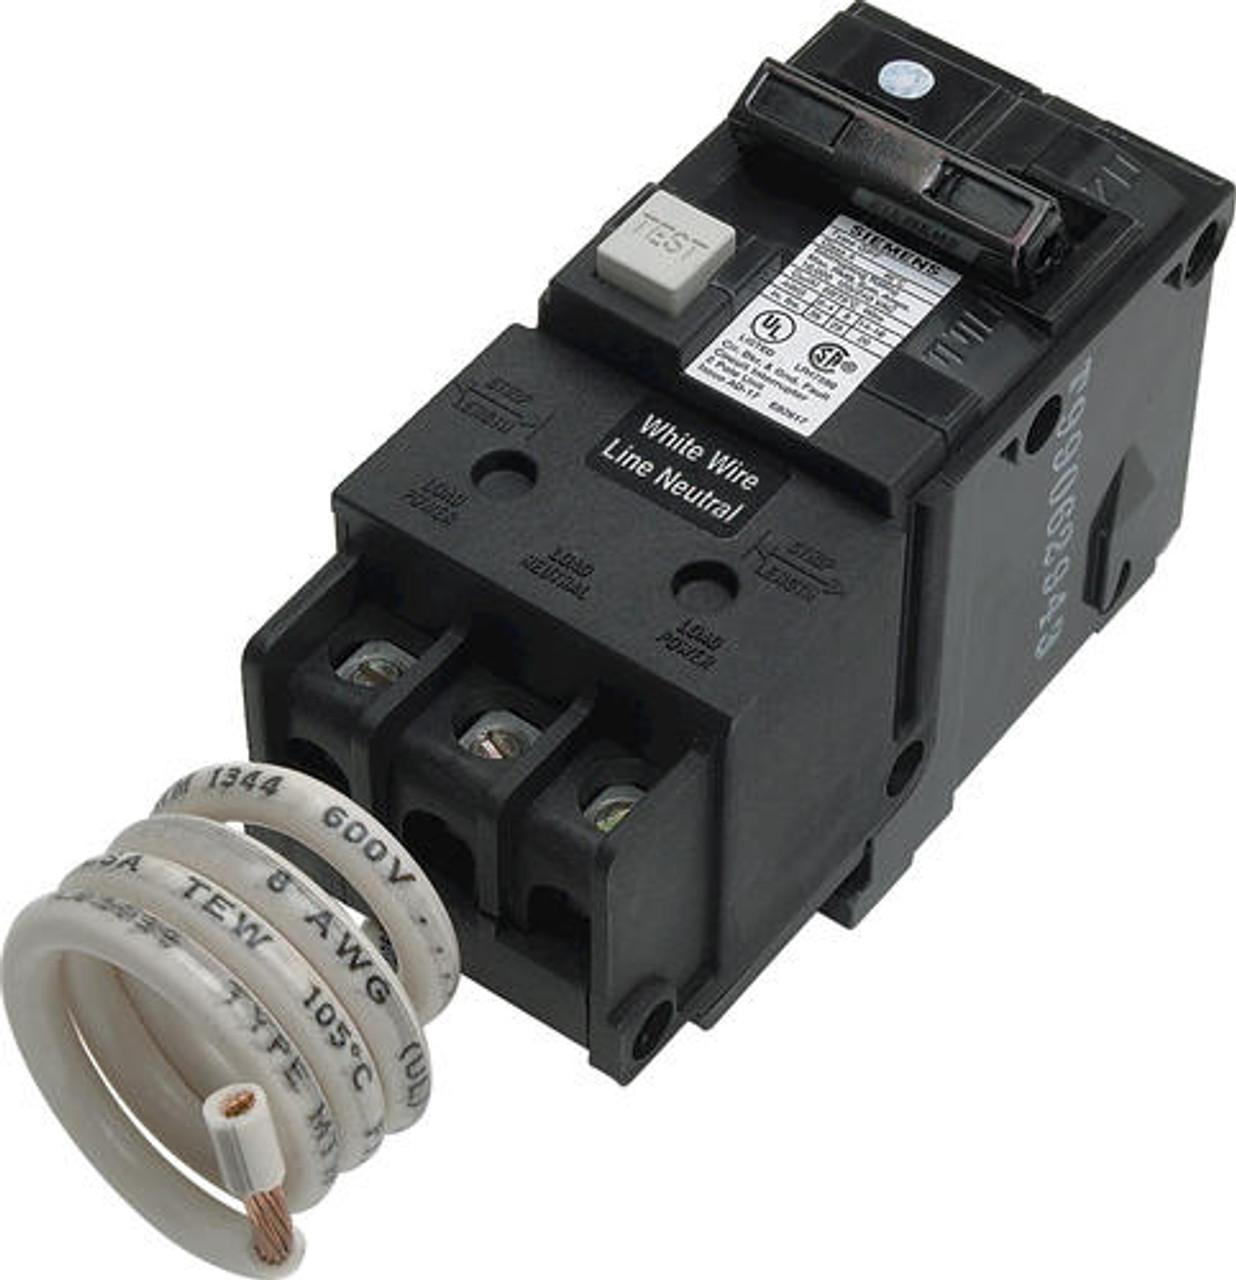 siemens 40 amp gfci double pole breaker in canada siemens gfci breaker wiring [ 1236 x 1280 Pixel ]